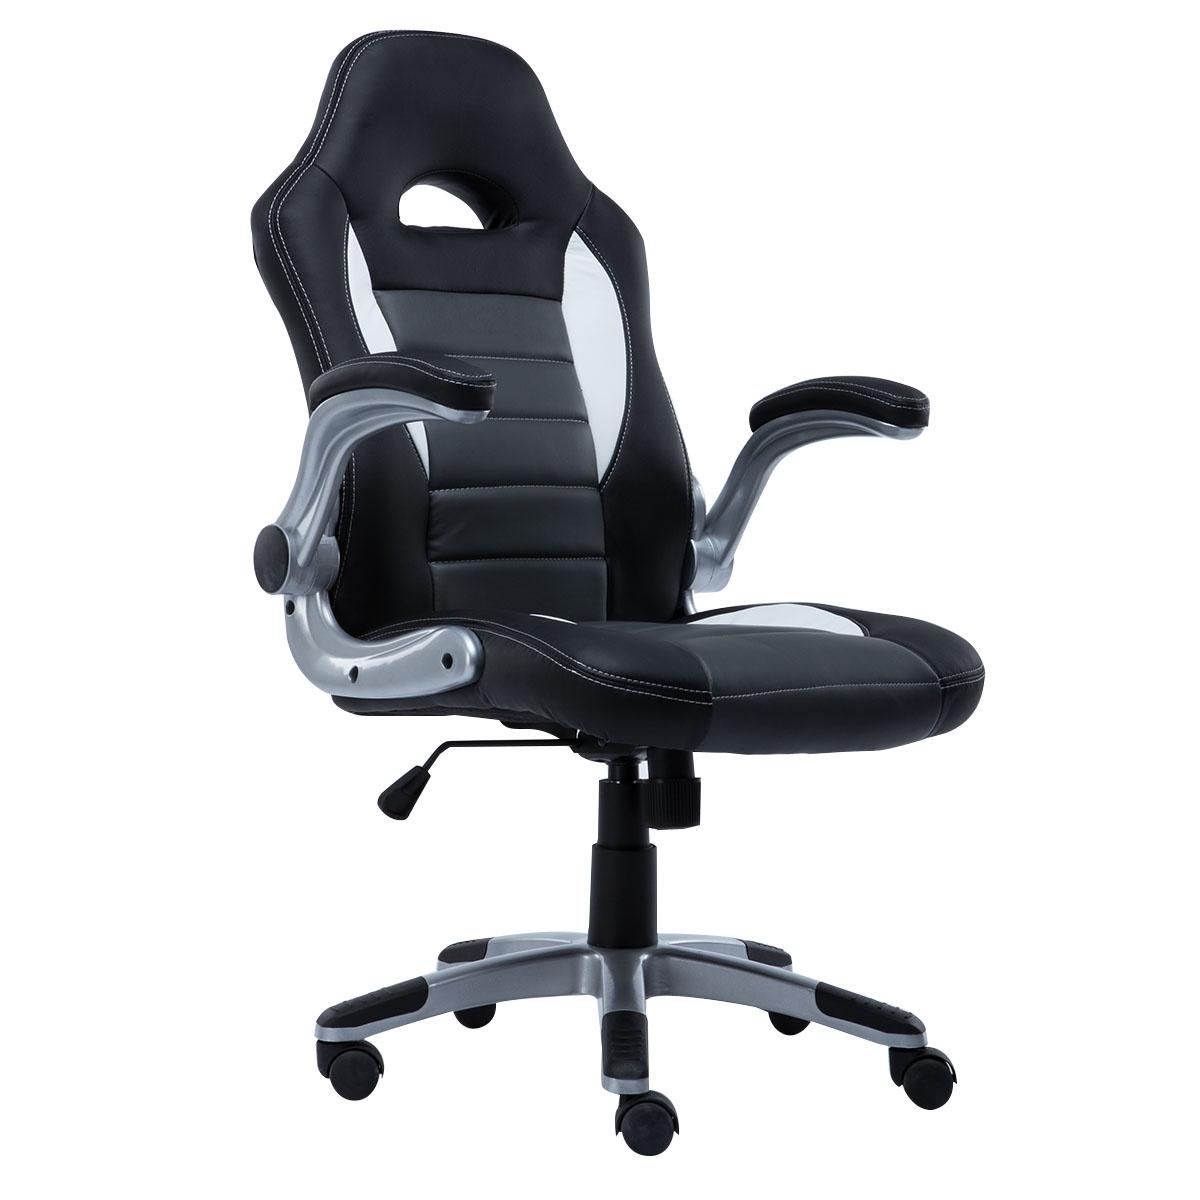 Кресло Costway игровое, ZK8040GR компьютерные кресла и стулья